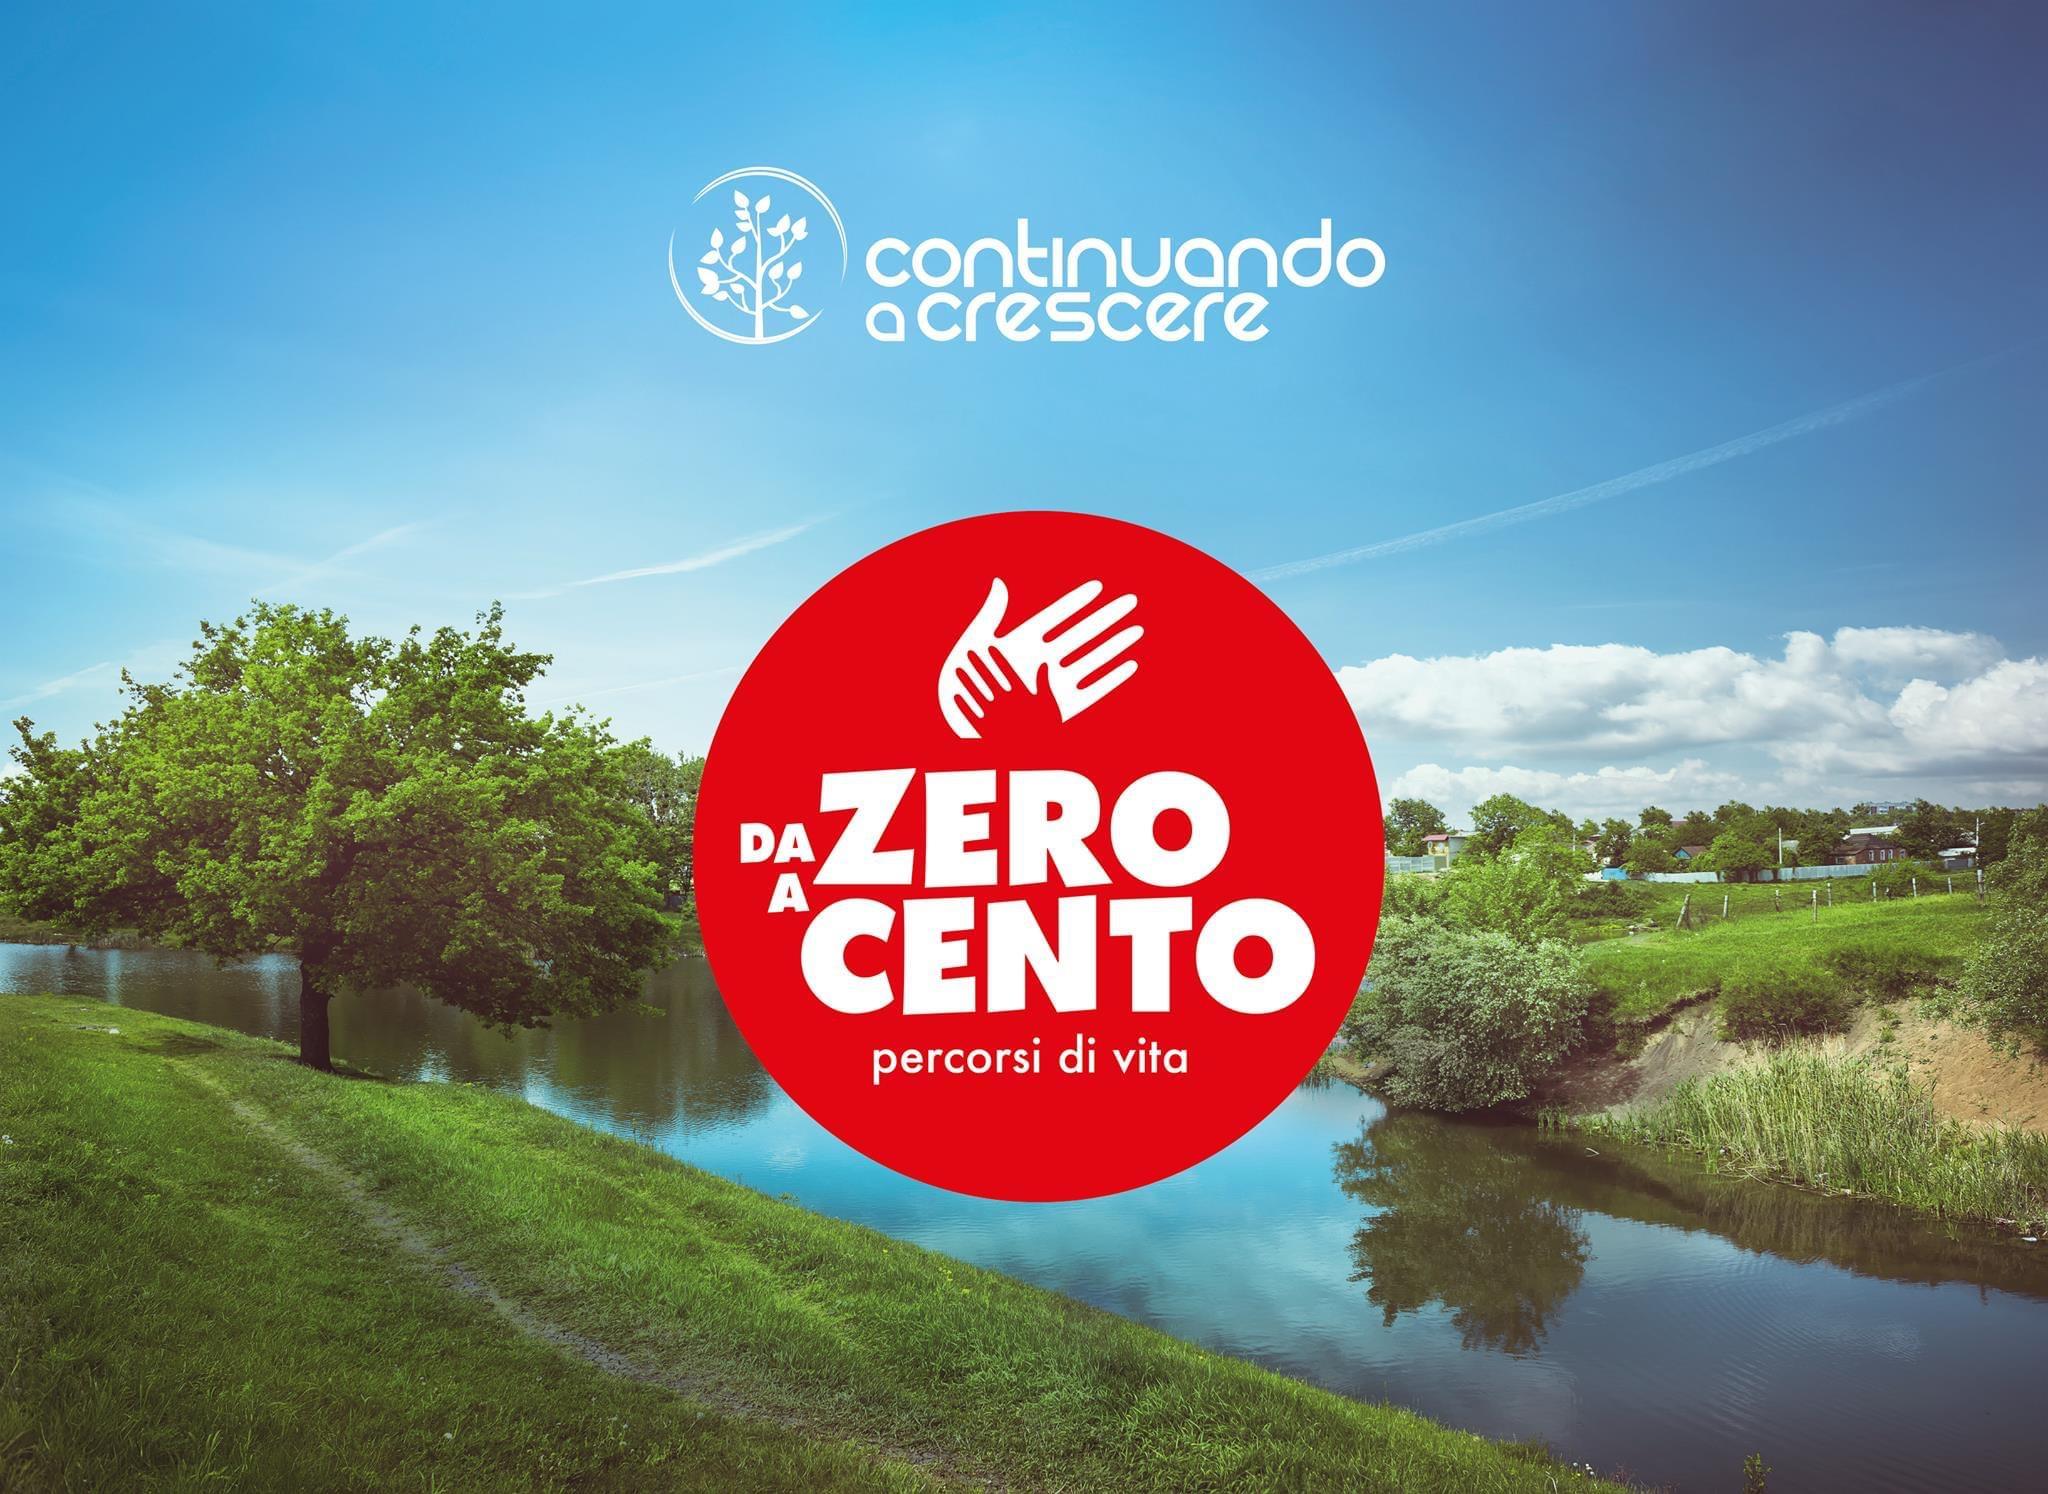 Da Zero a Cento a Verona!